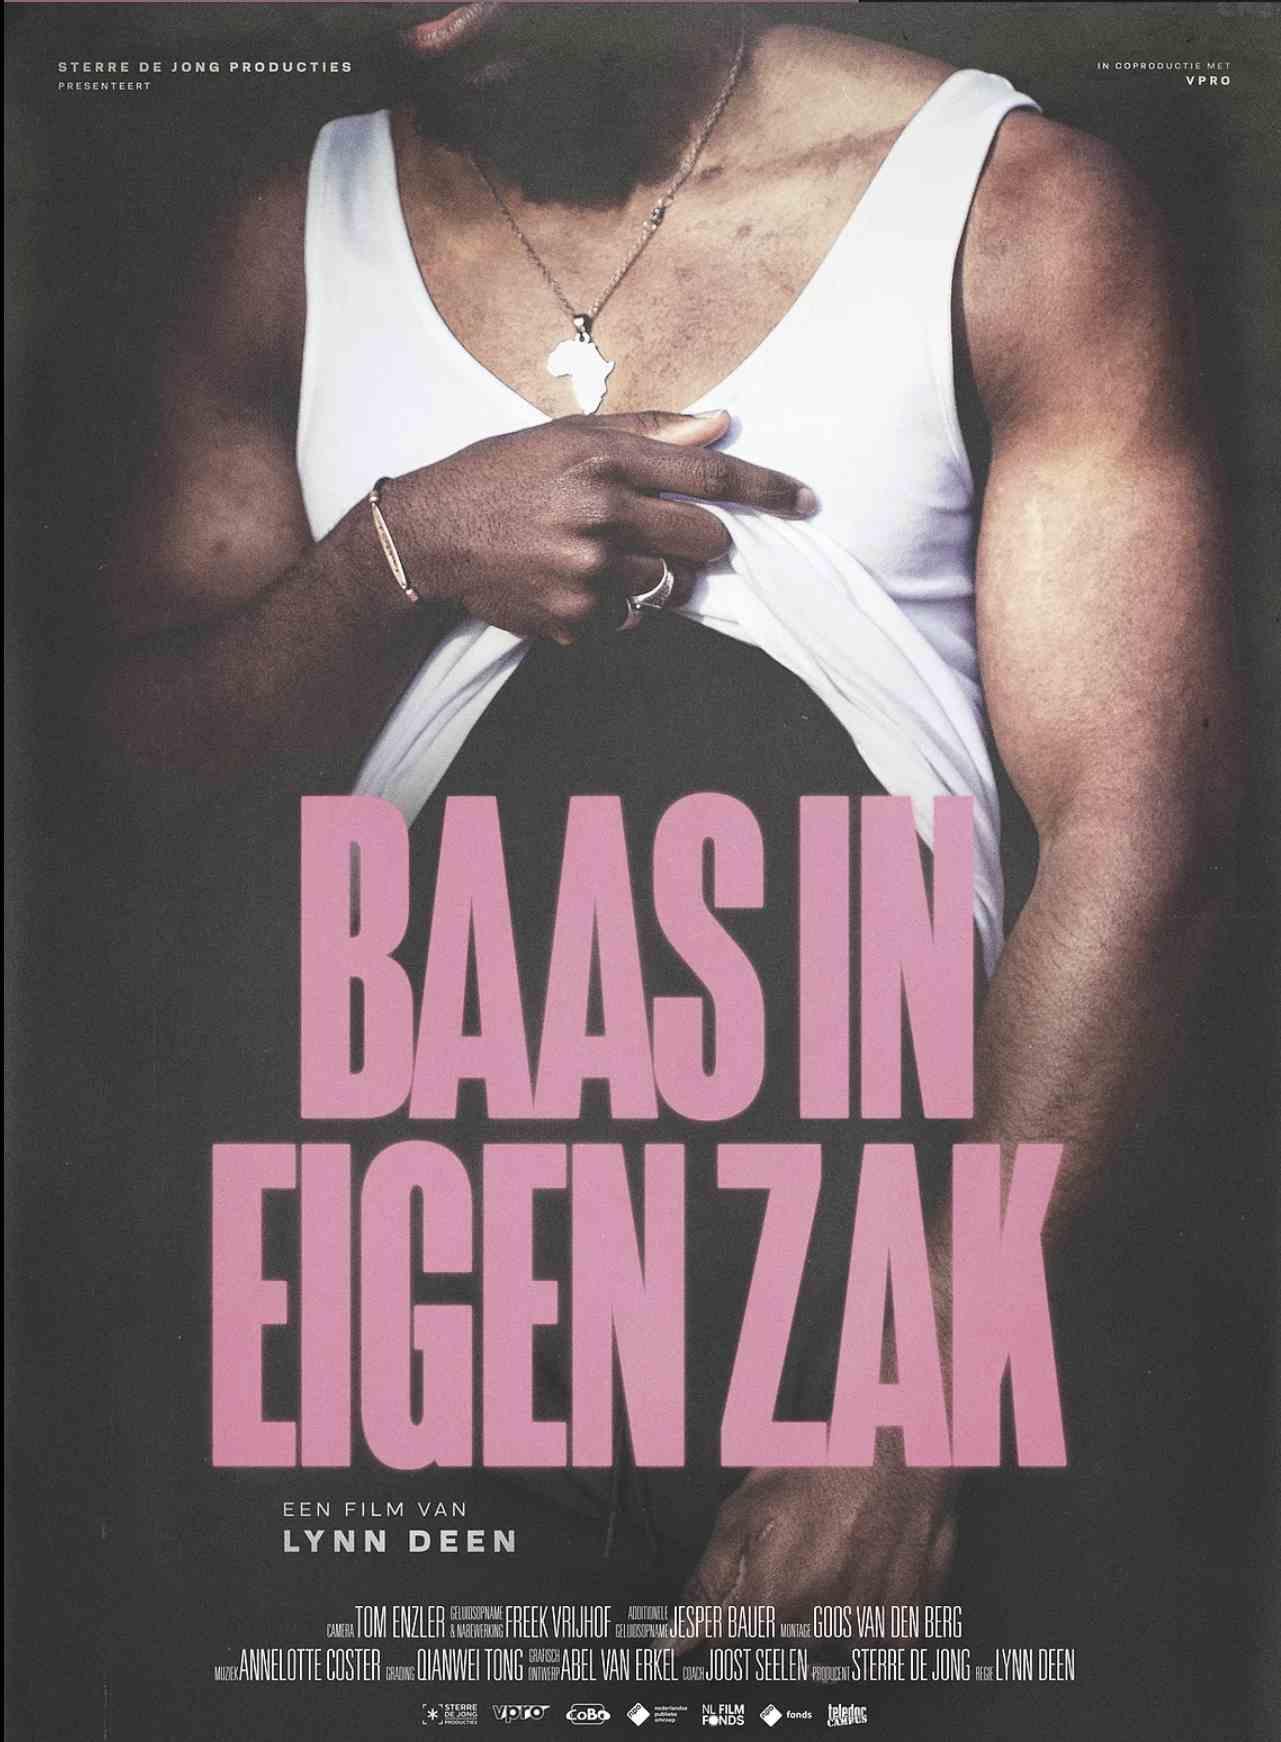 Baas in eigen zak film poster